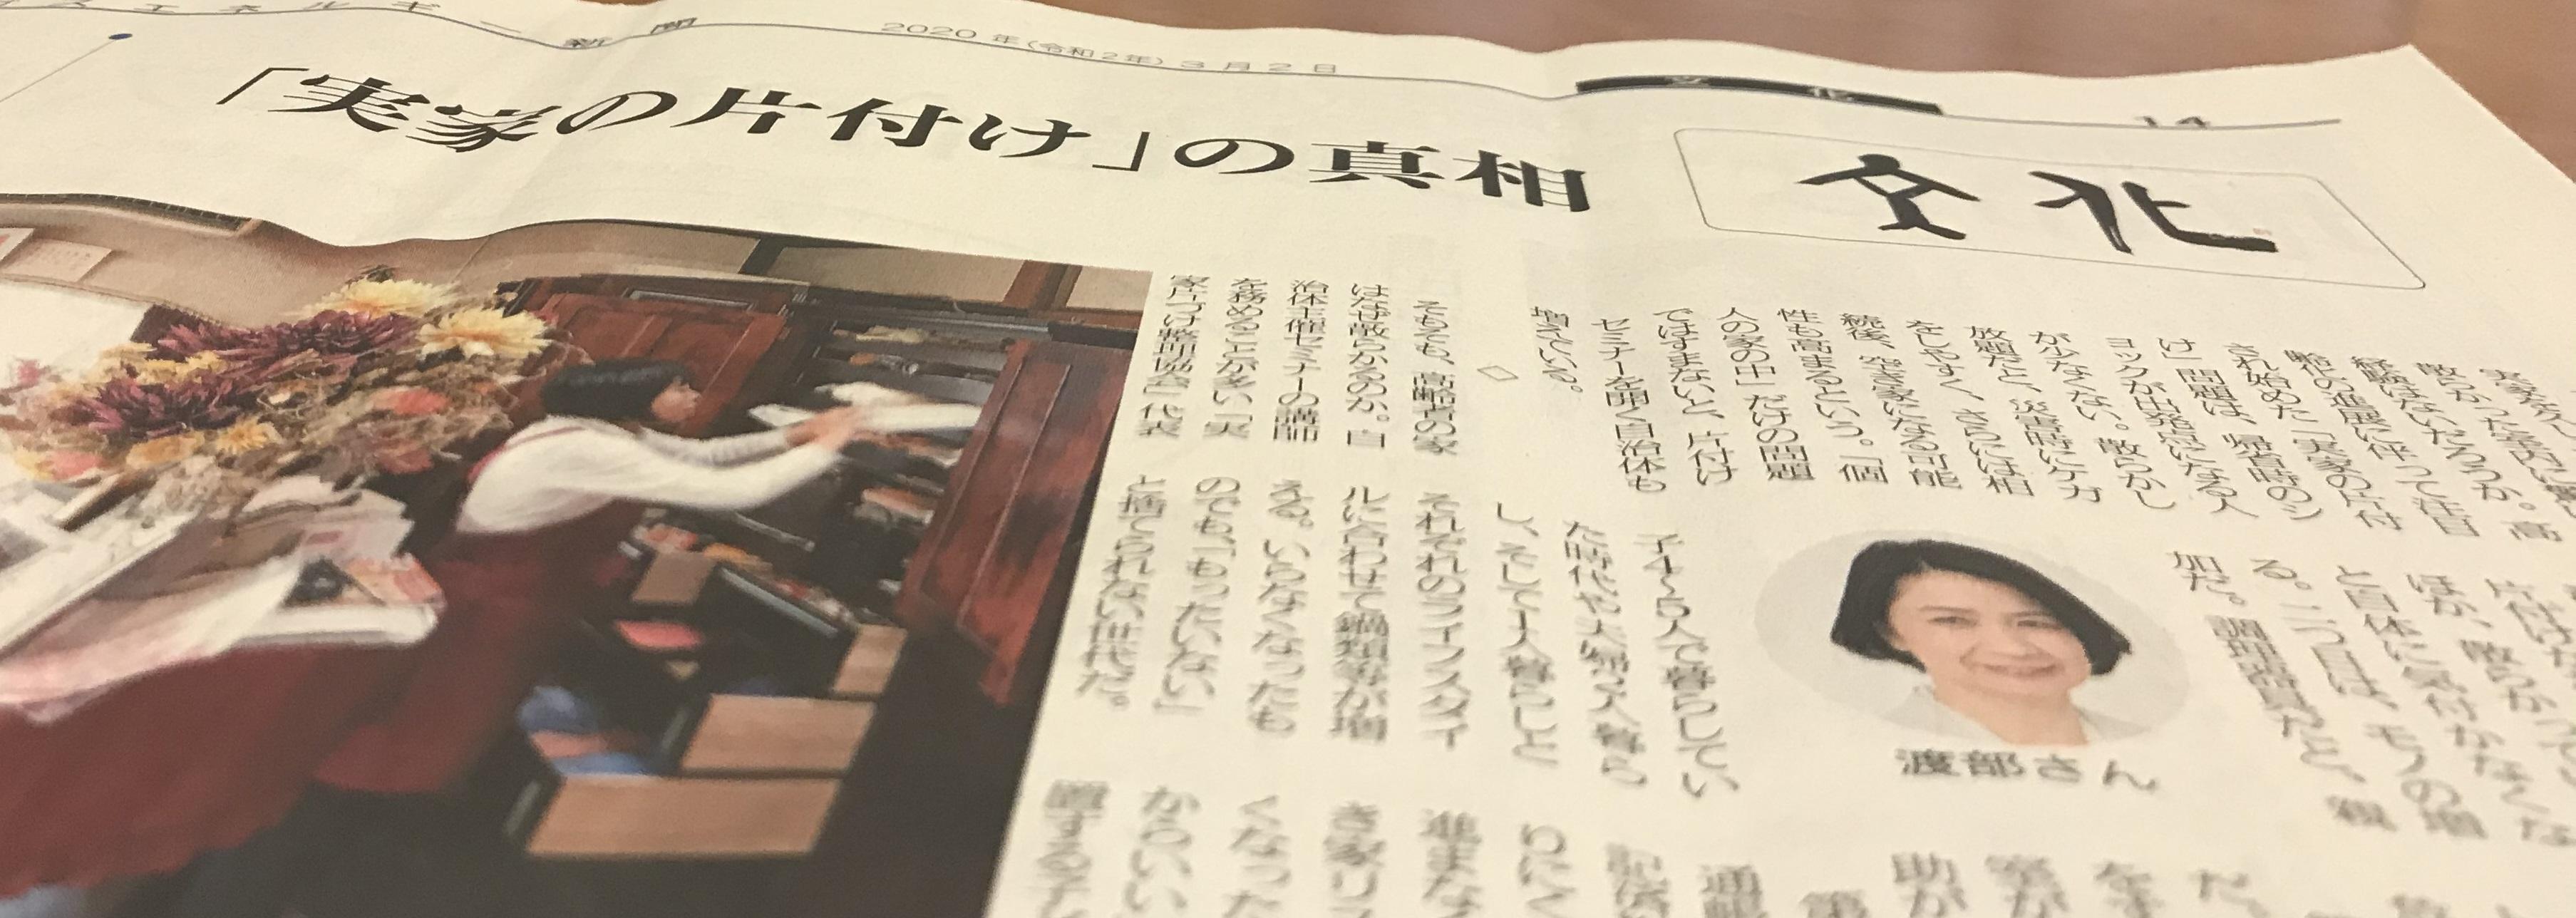 『「実家の片付け」の真相』ガスエネルギ-新聞文化面掲載